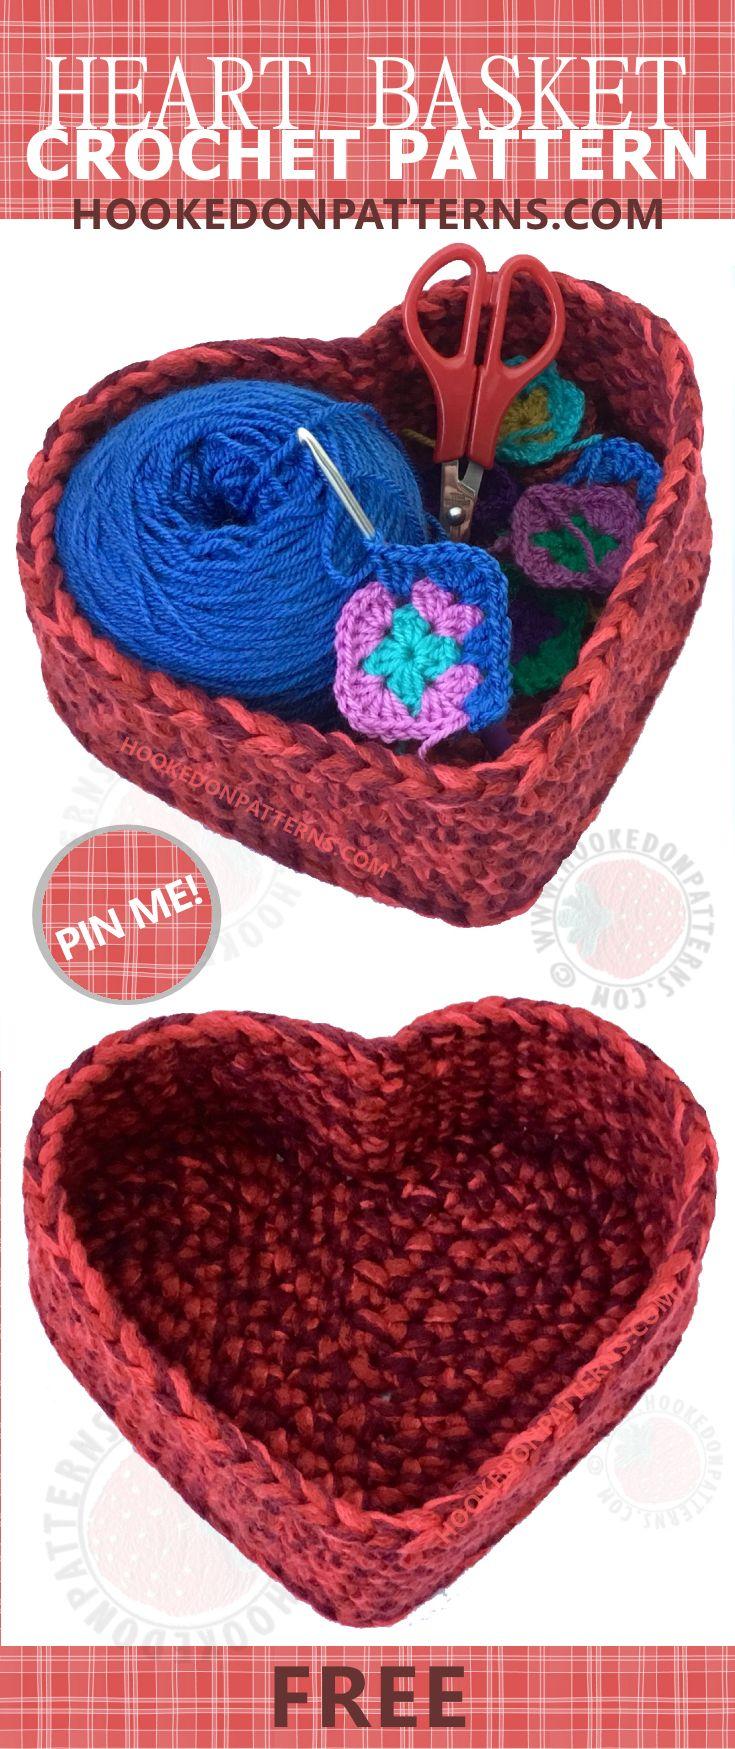 Free Crochet Heart Basket Pattern | Crochet basket pattern, Free ...